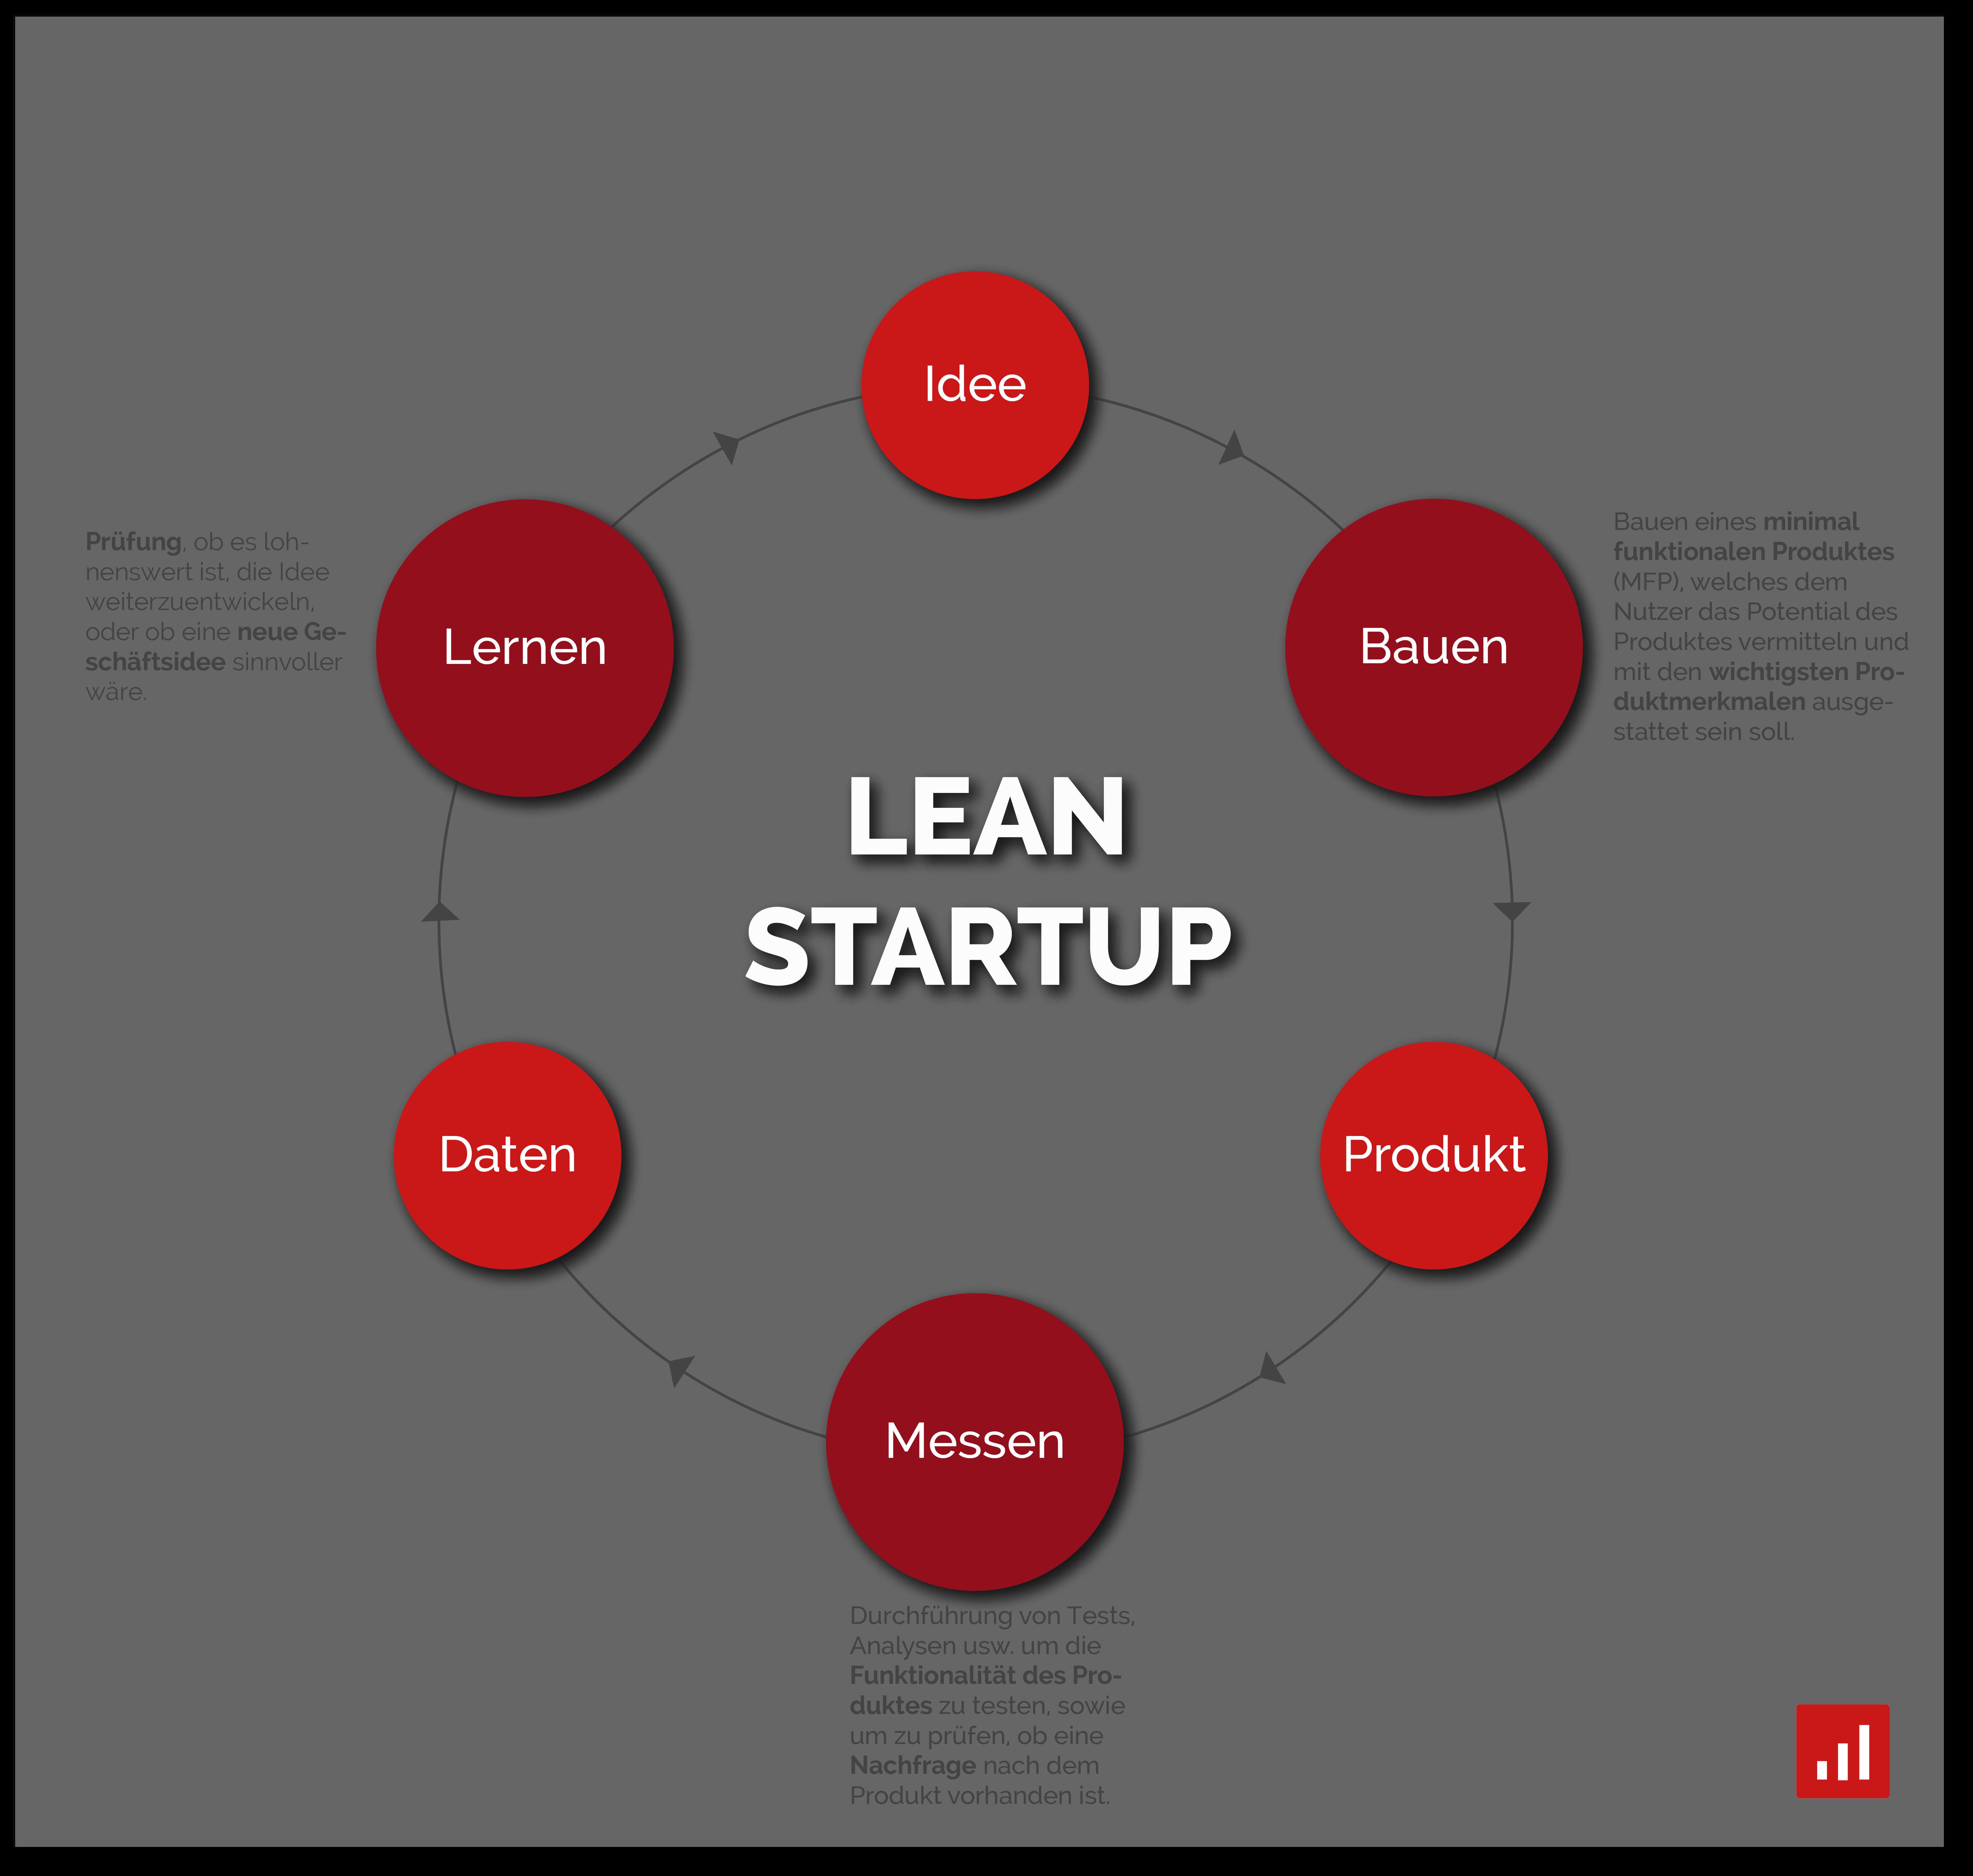 lean startup prinzip Bauen Messen Lernen